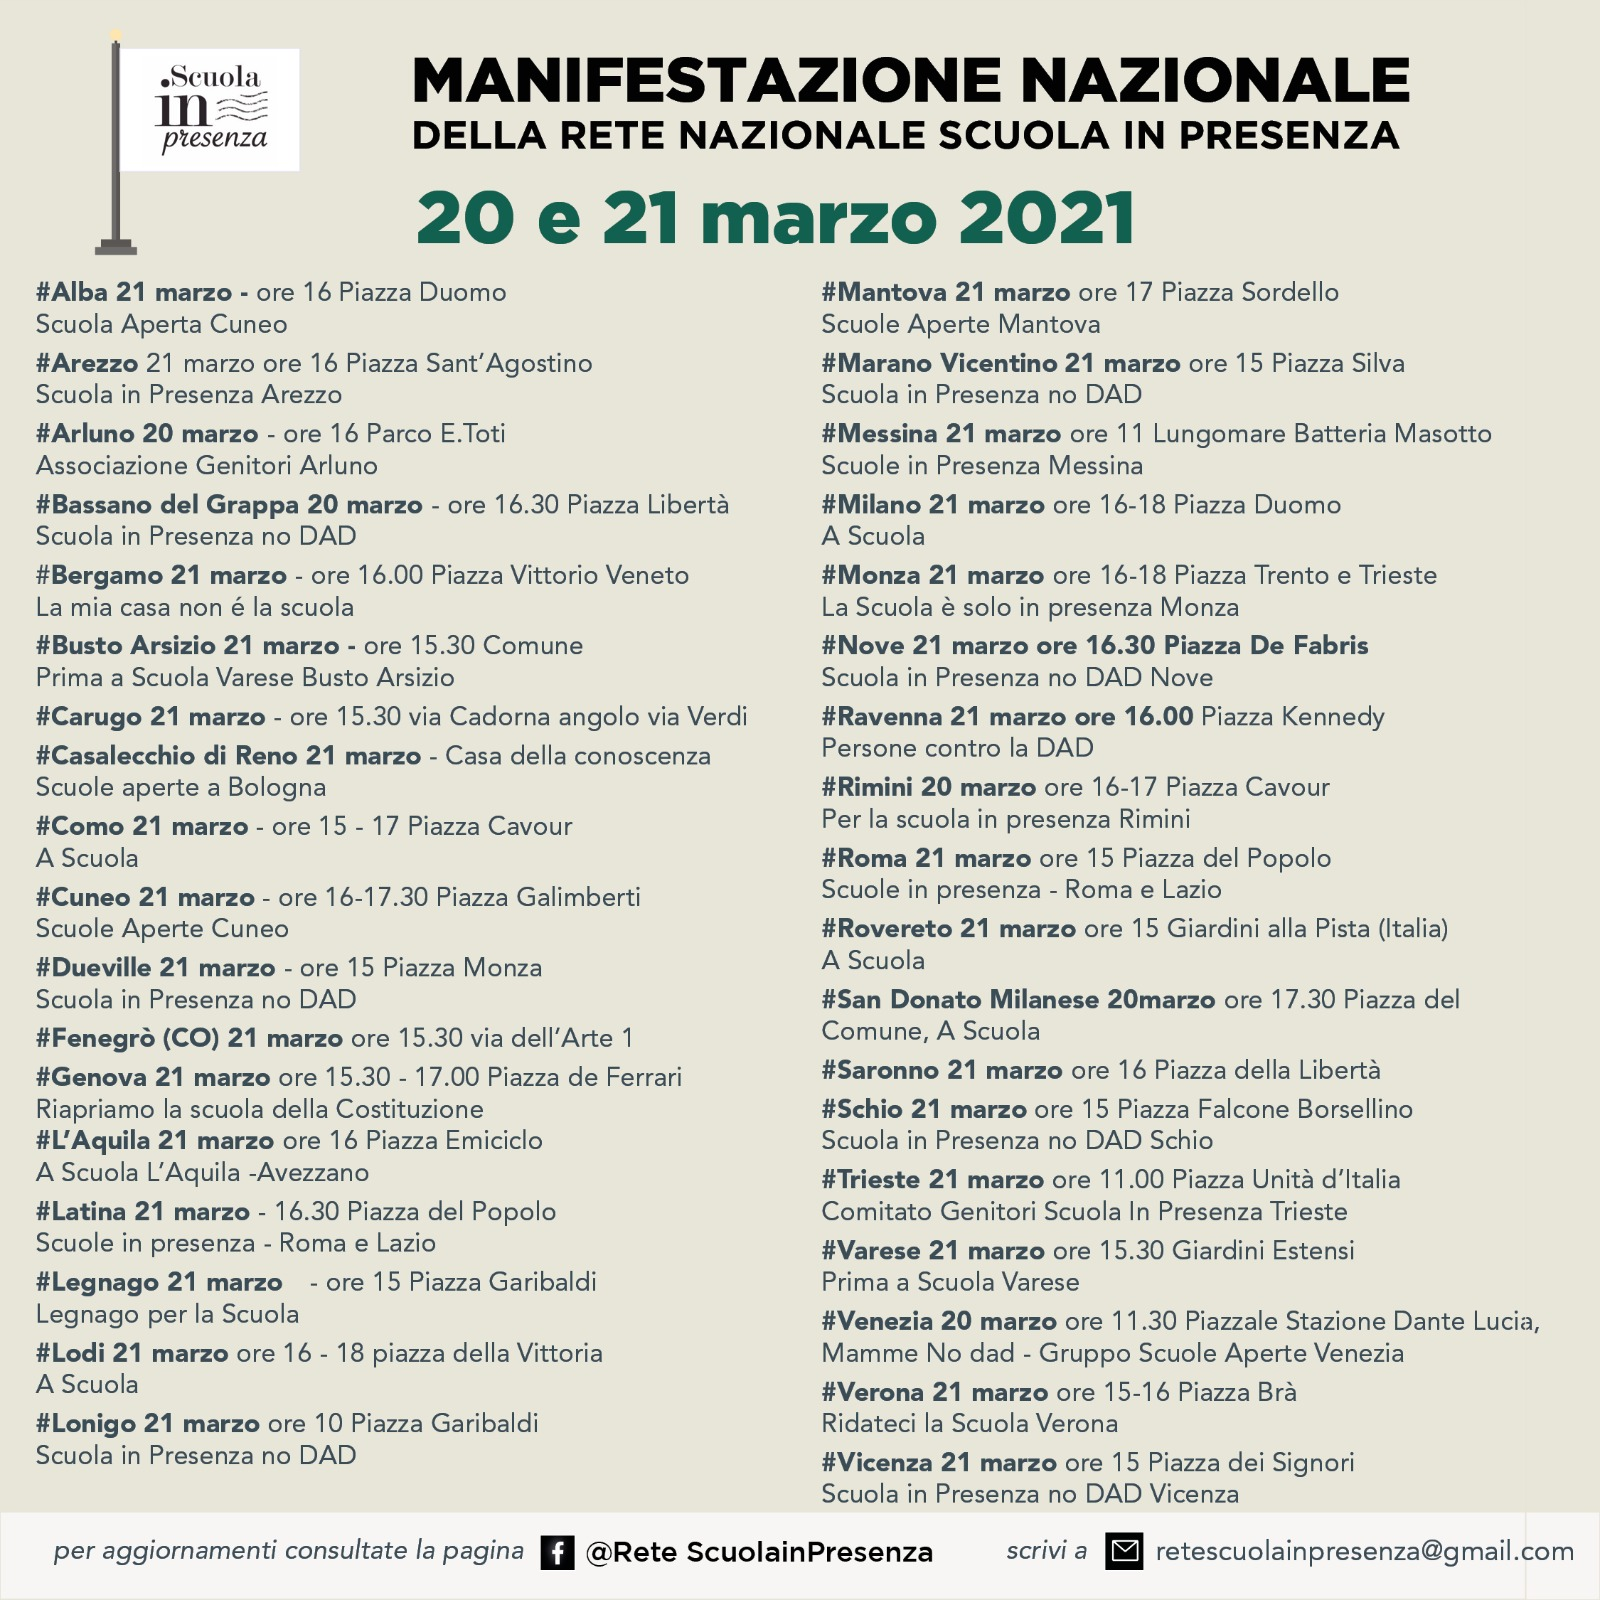 Manifestazione Nazionale 20-21 Marzo Rete Nazionale Scuola in Presenza